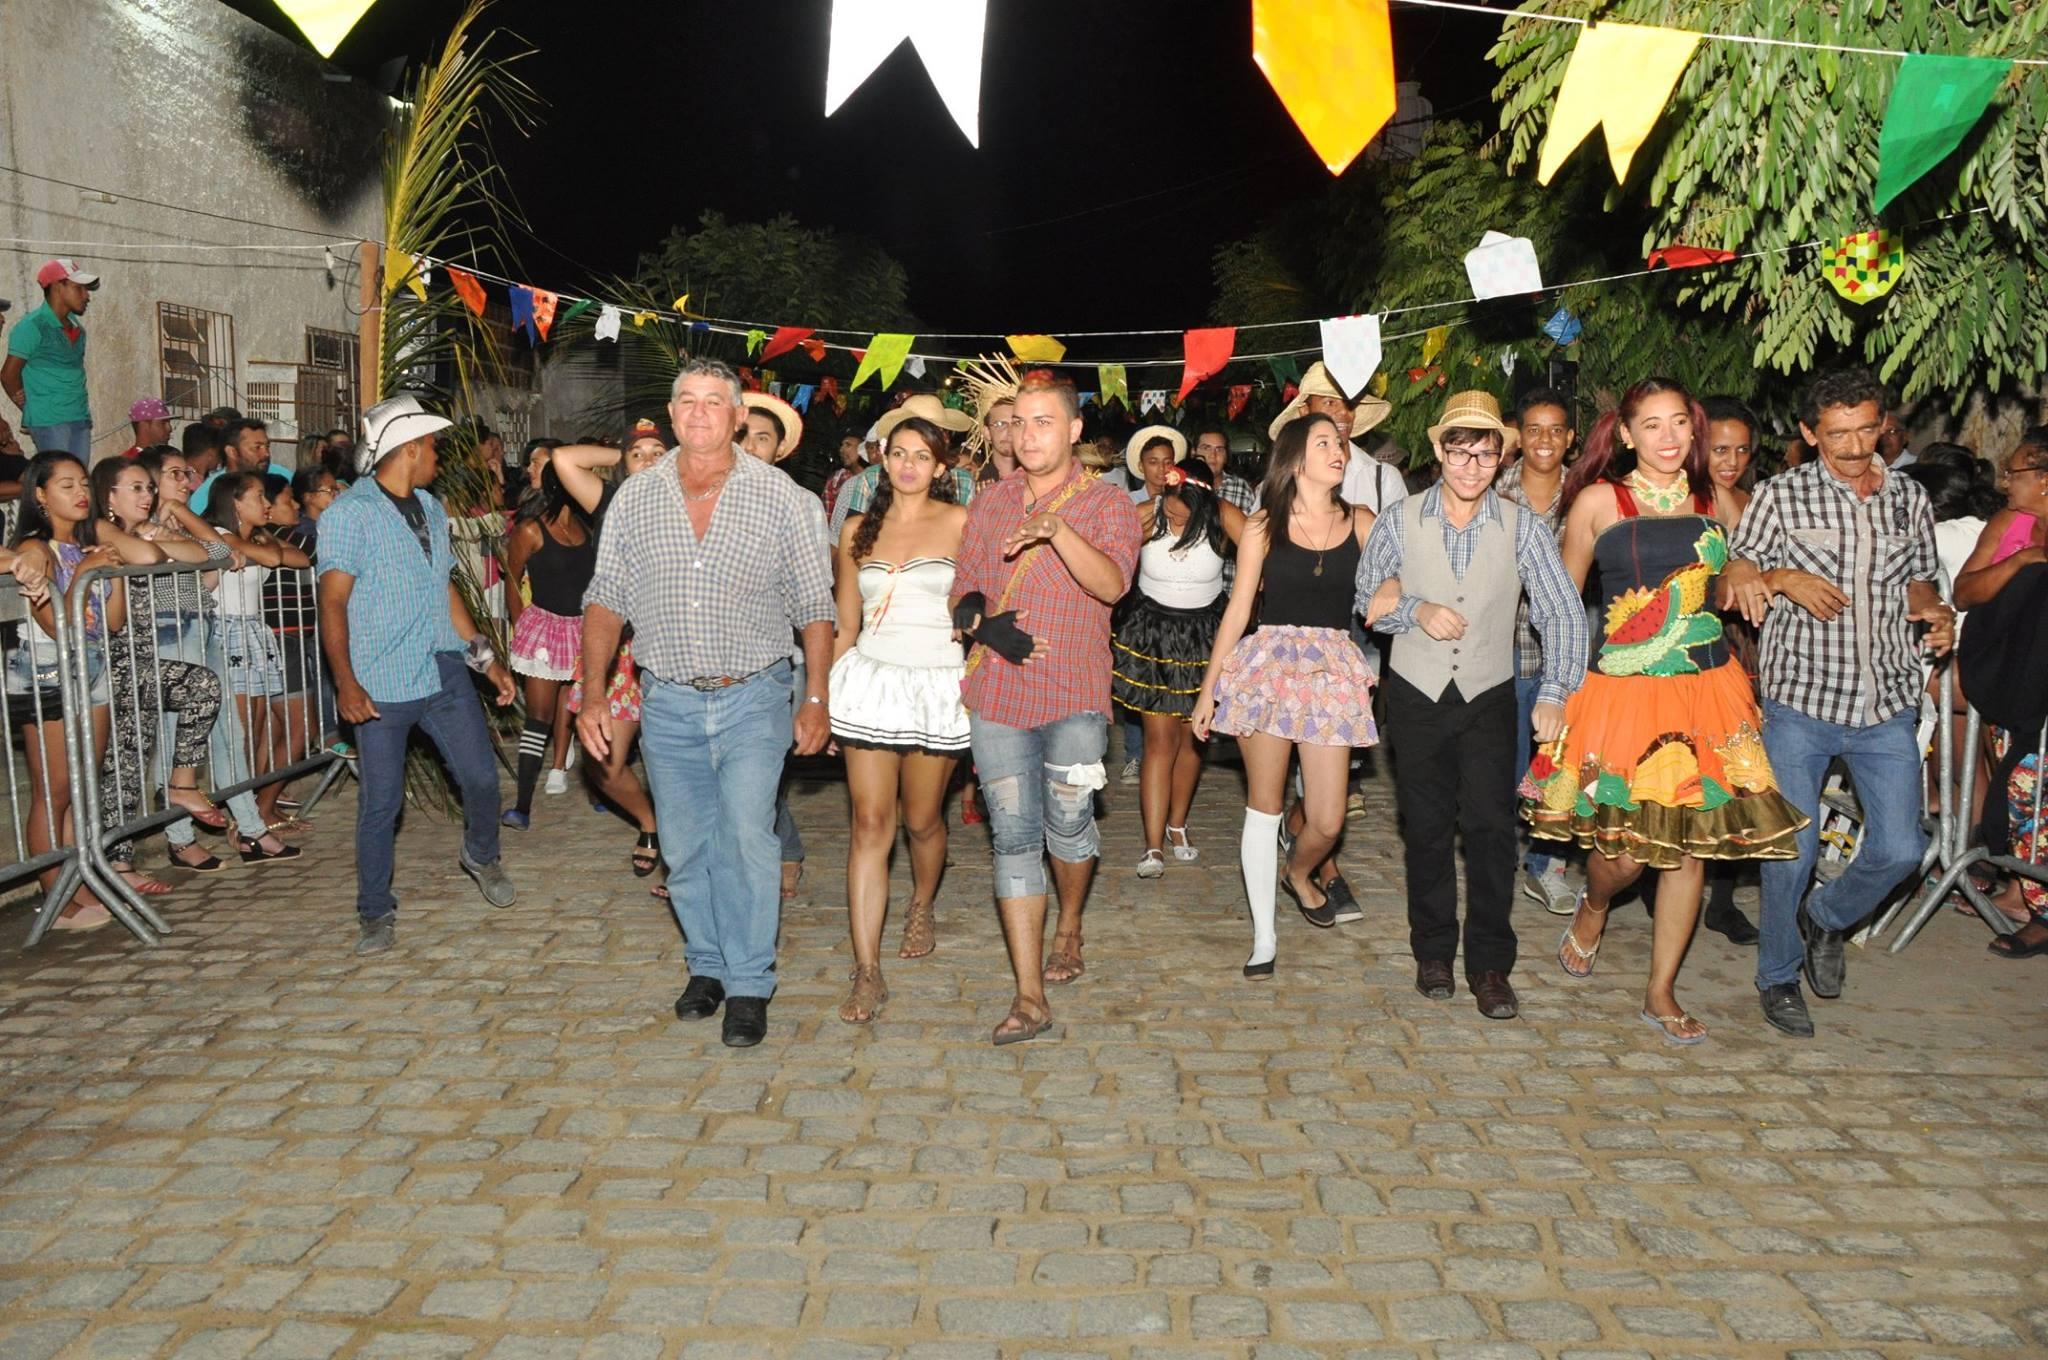 19142906_1899332093673314_6743447838571350025_o-1024x680 OPIPOCO mostra como foi a Segunda noite do festival de quadrilhas em Monteiro. Confira Imagens